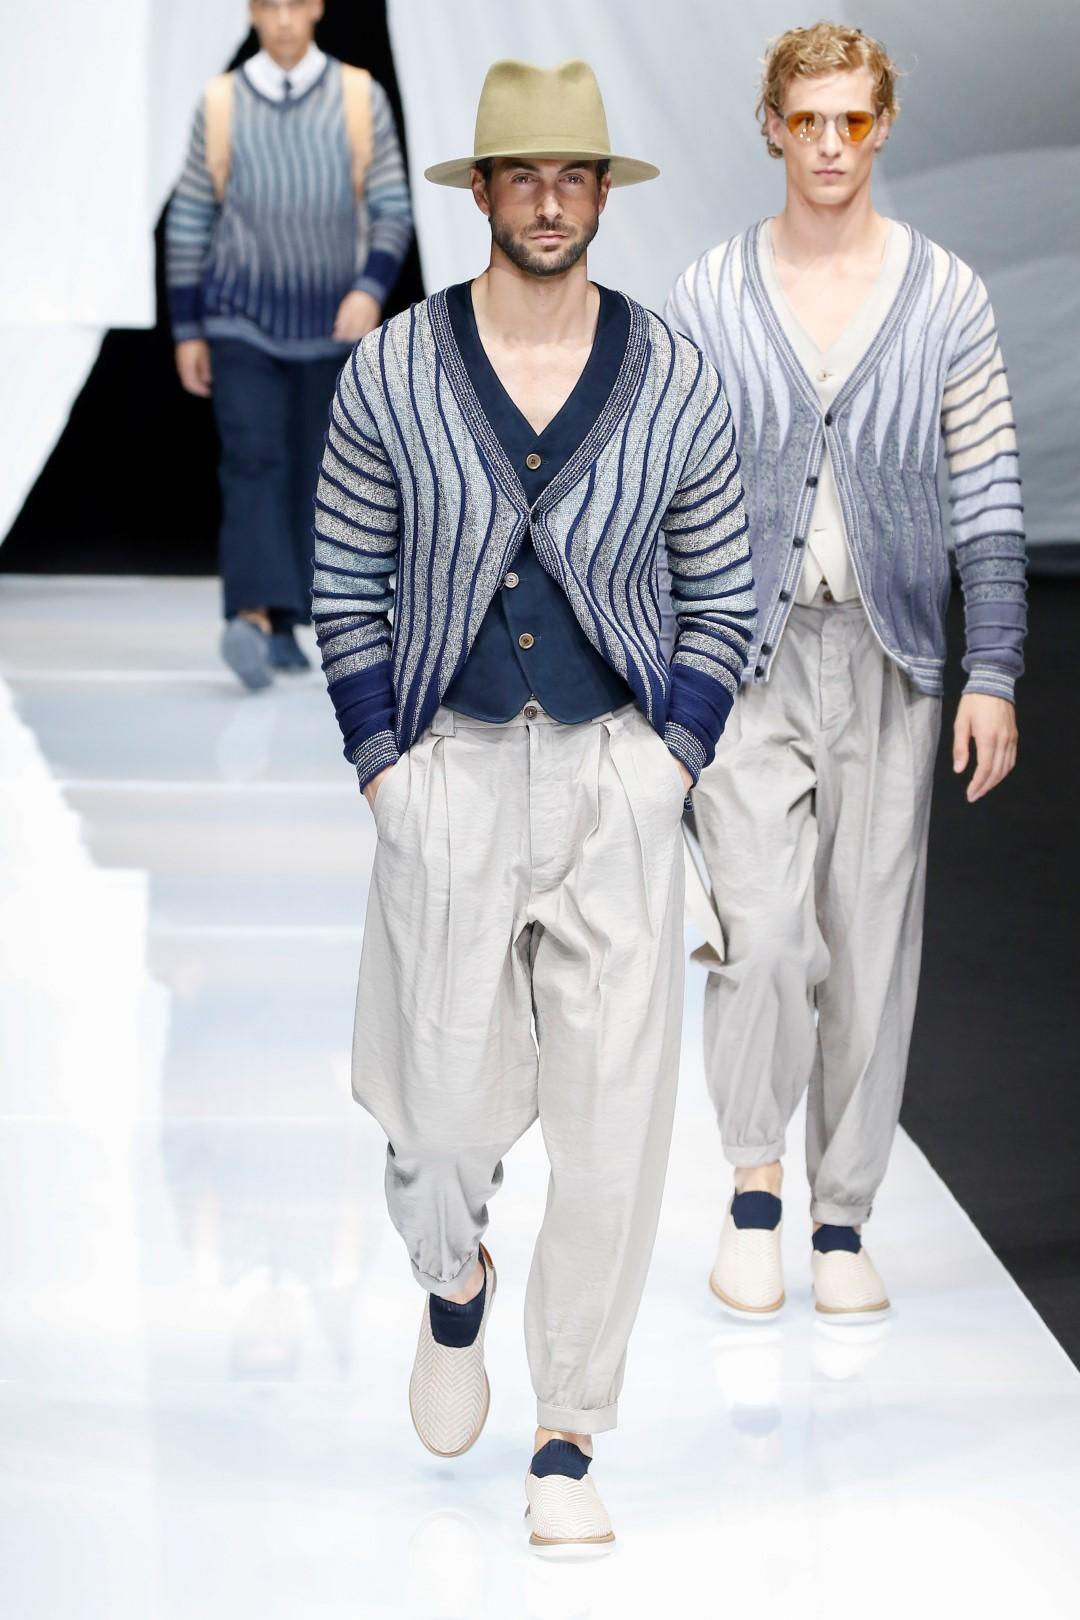 Uomo, in primavera tornano le righe: come indossarle senza eccedere